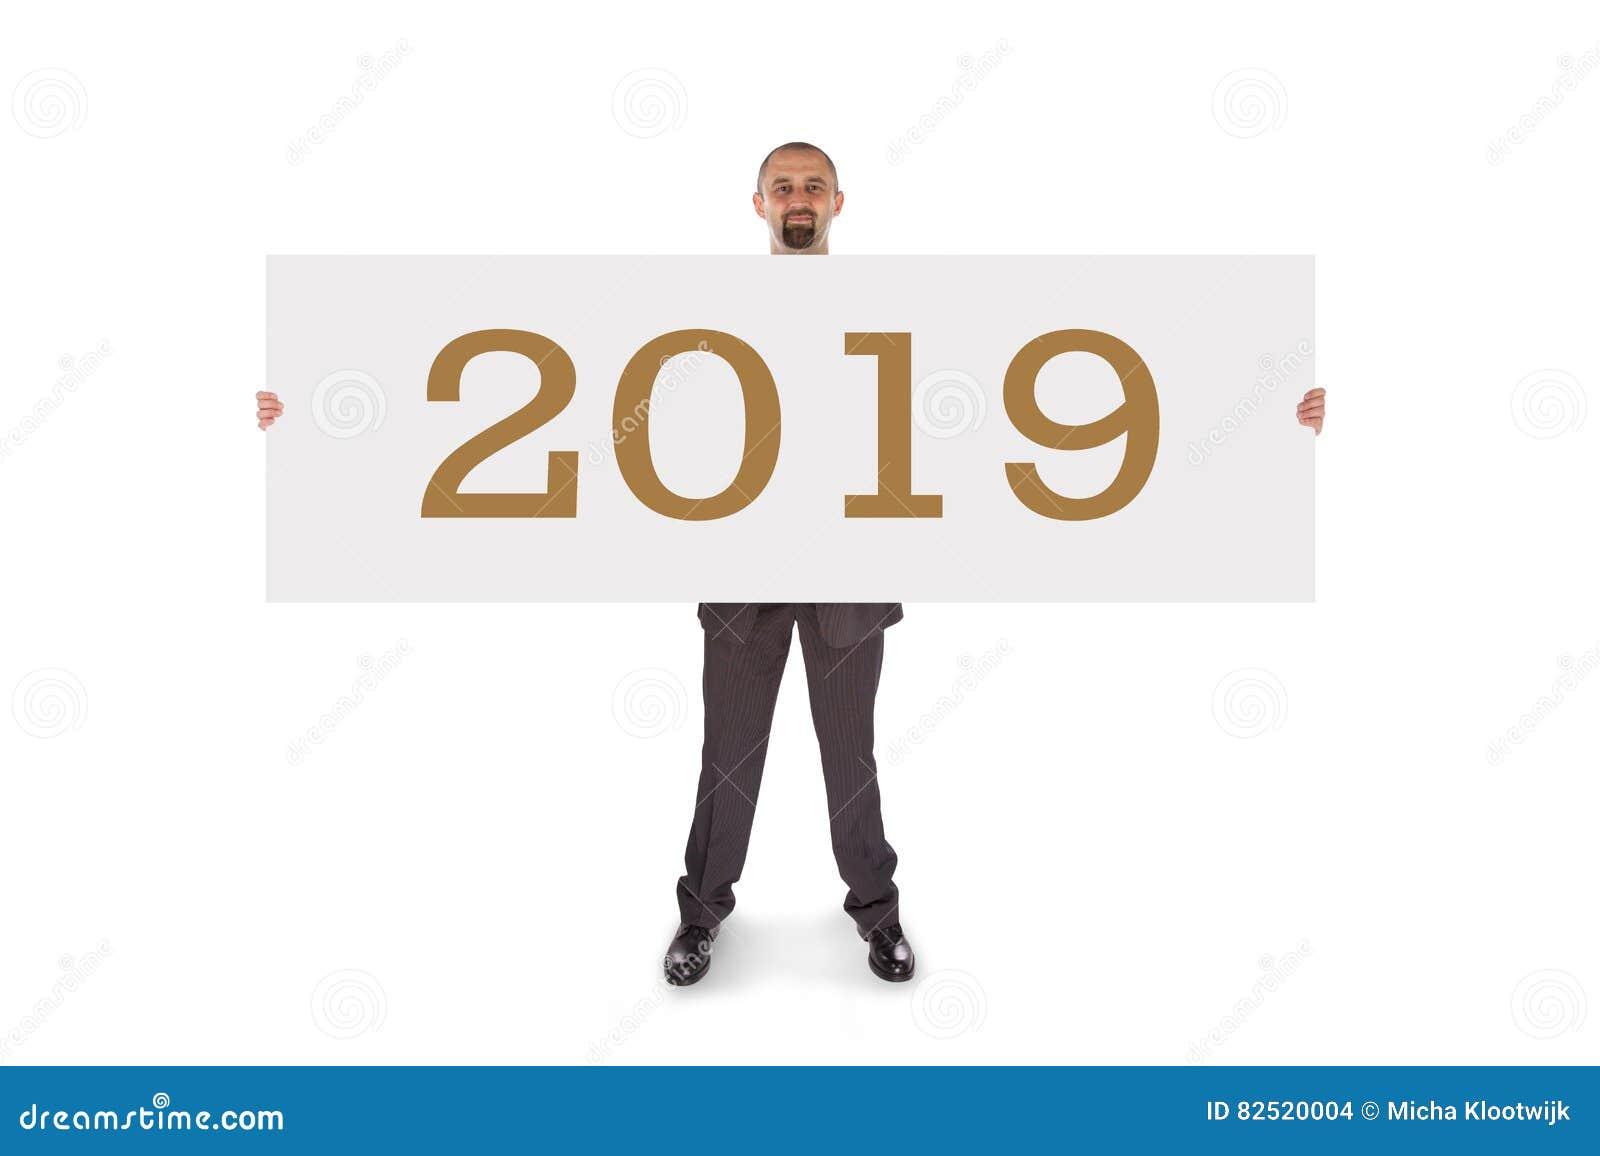 Χαμογελώντας επιχειρηματίας που κρατά μια πραγματικά μεγάλη κενή κάρτα - 2019